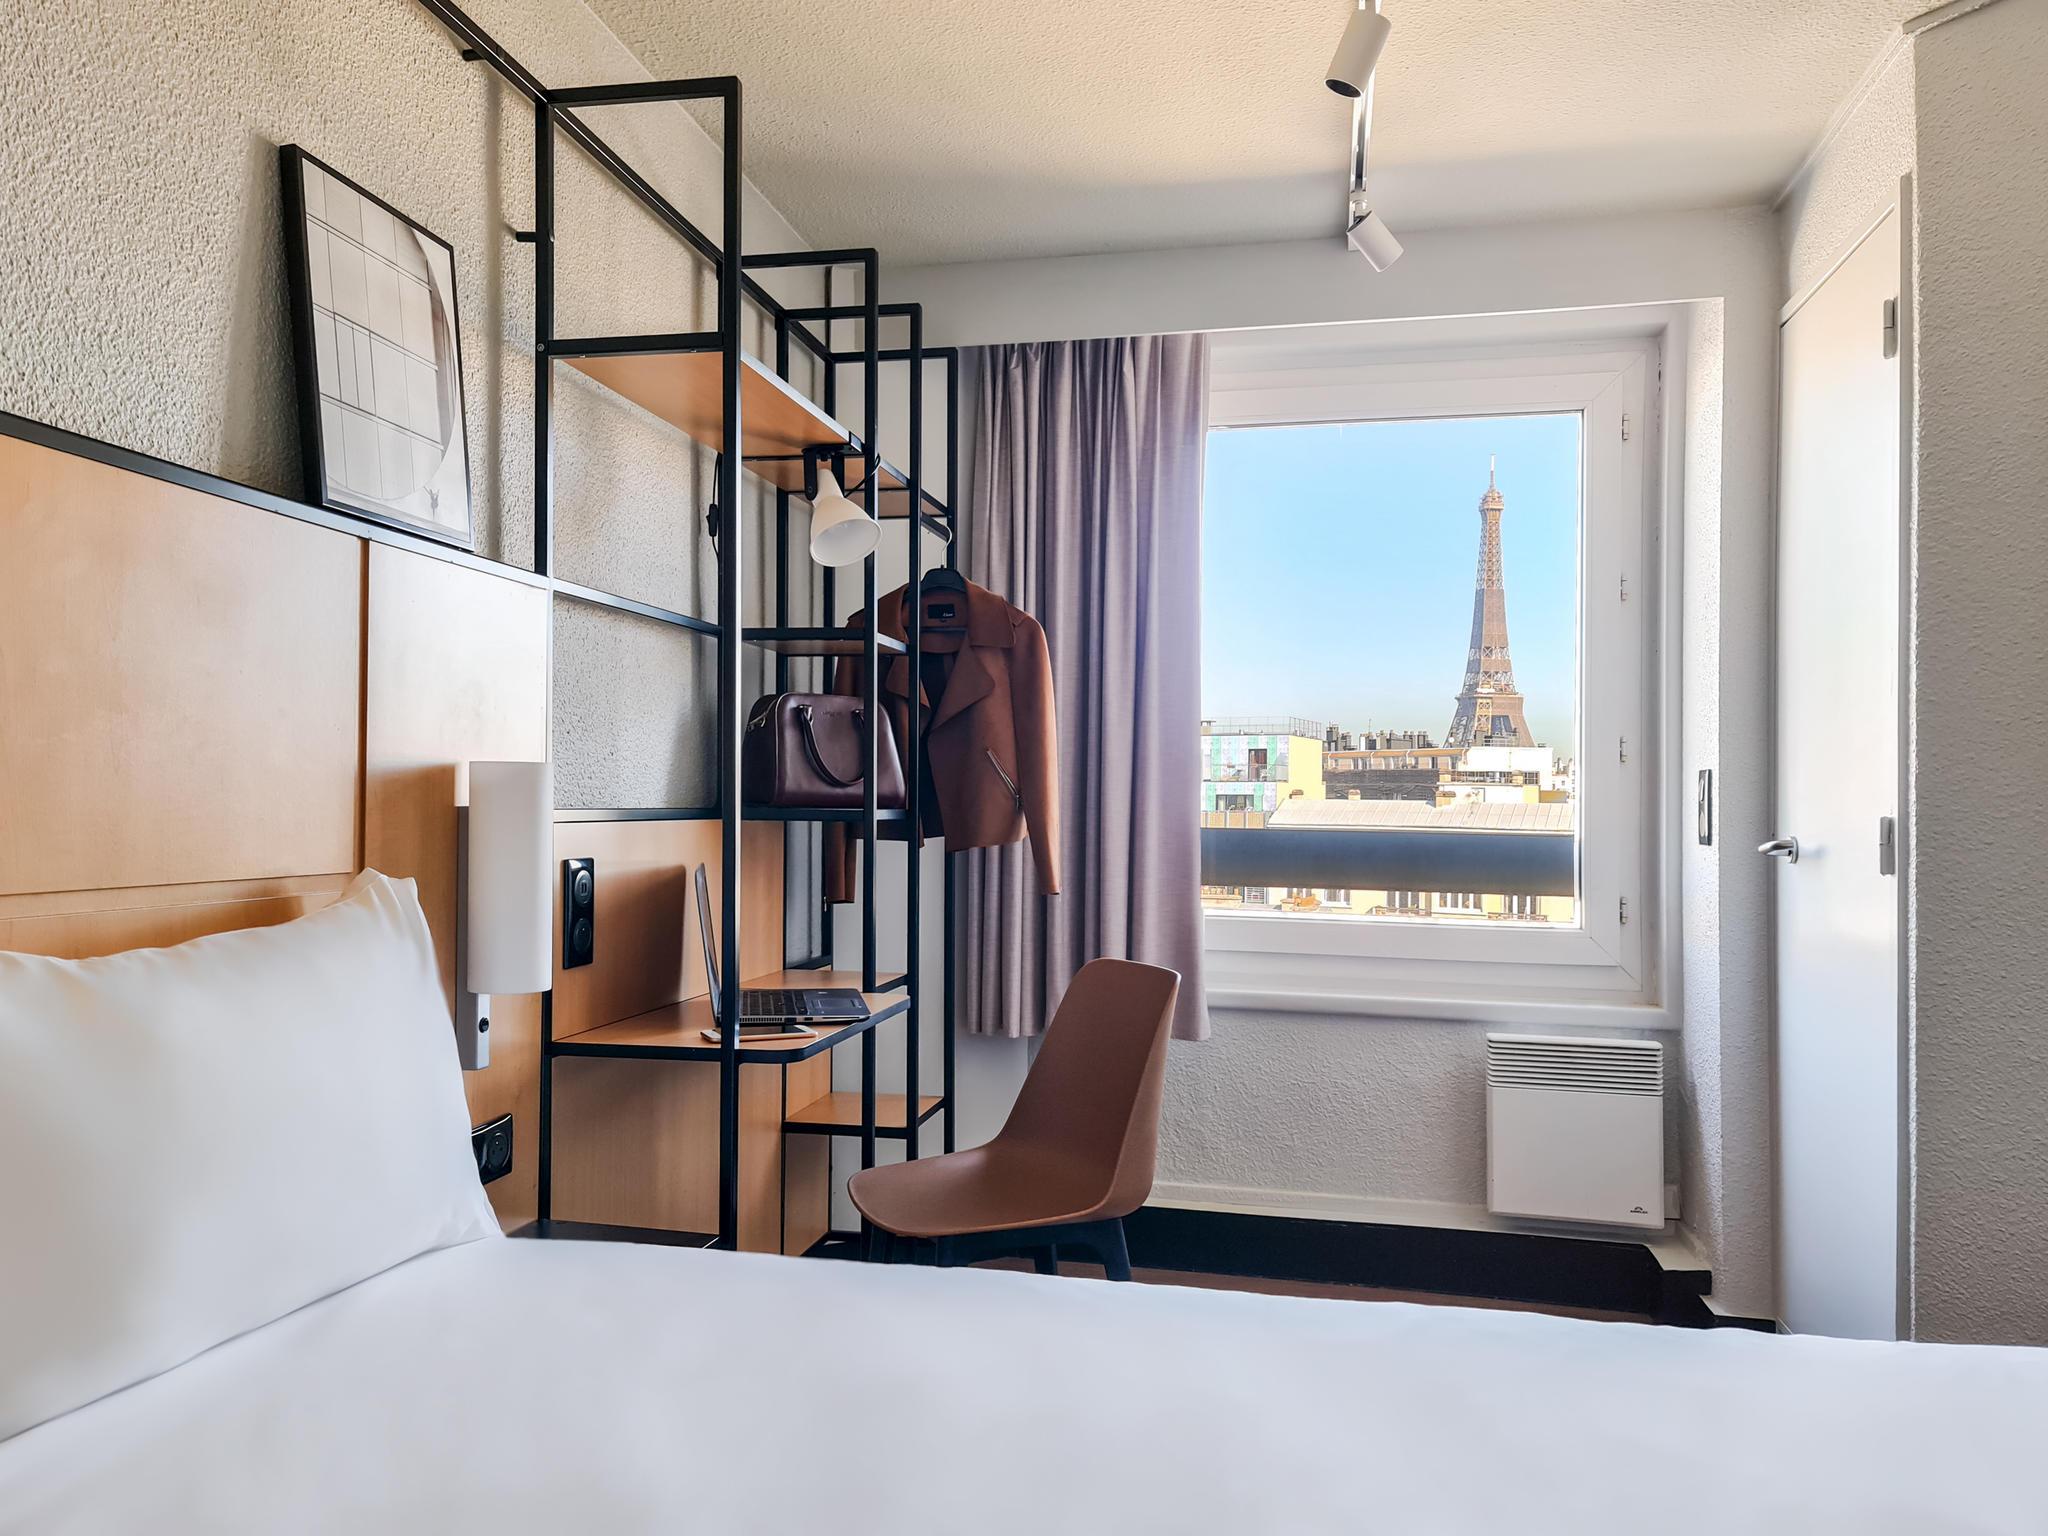 Hotel - ibis Paris Eiffel Tower Cambronne 15th